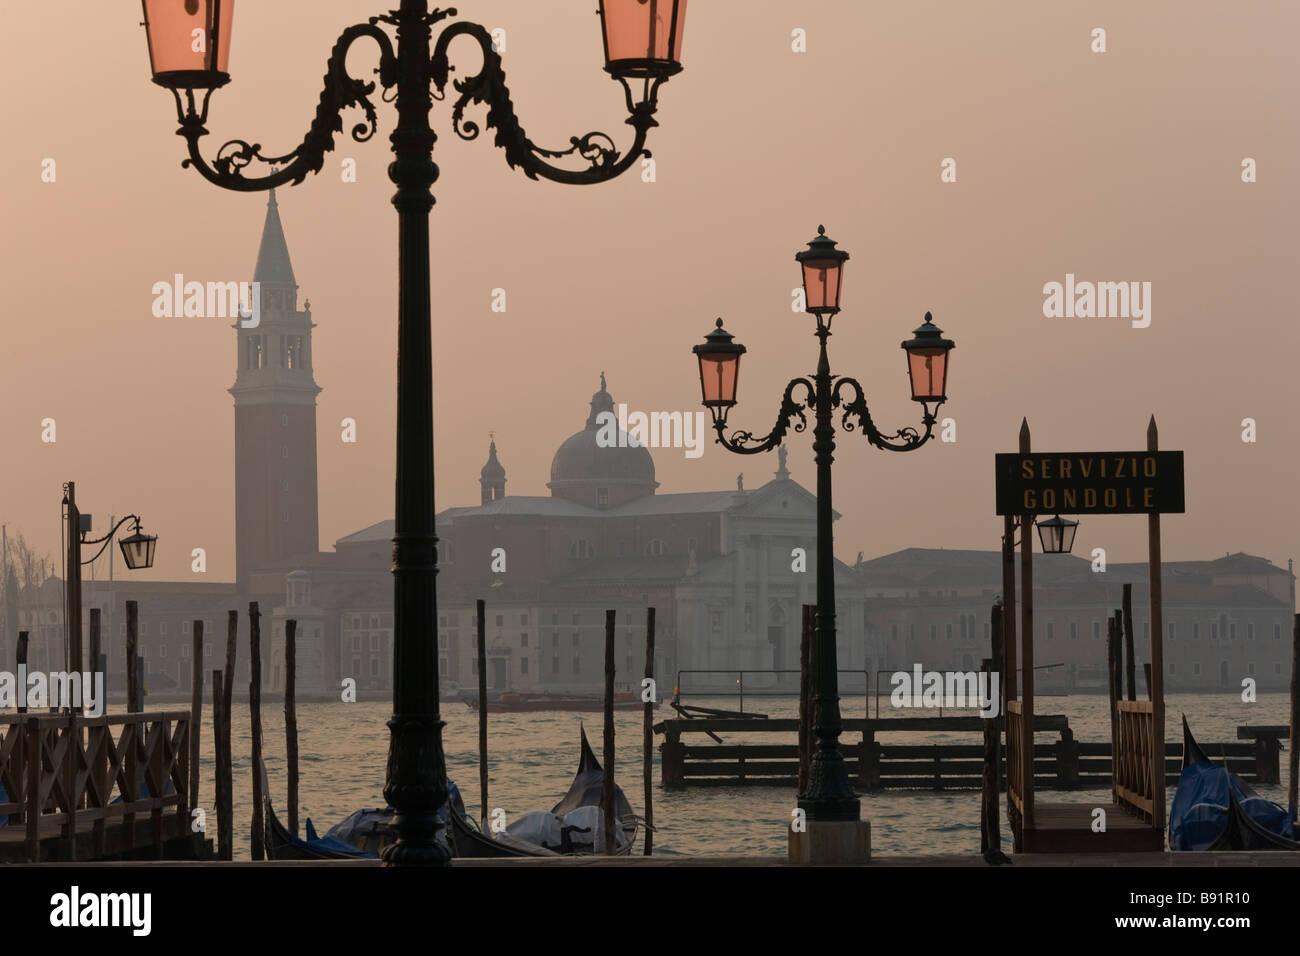 Italy Veneto Venice Piazza San Marco with San Giorgio Maggiore in the background - Stock Image